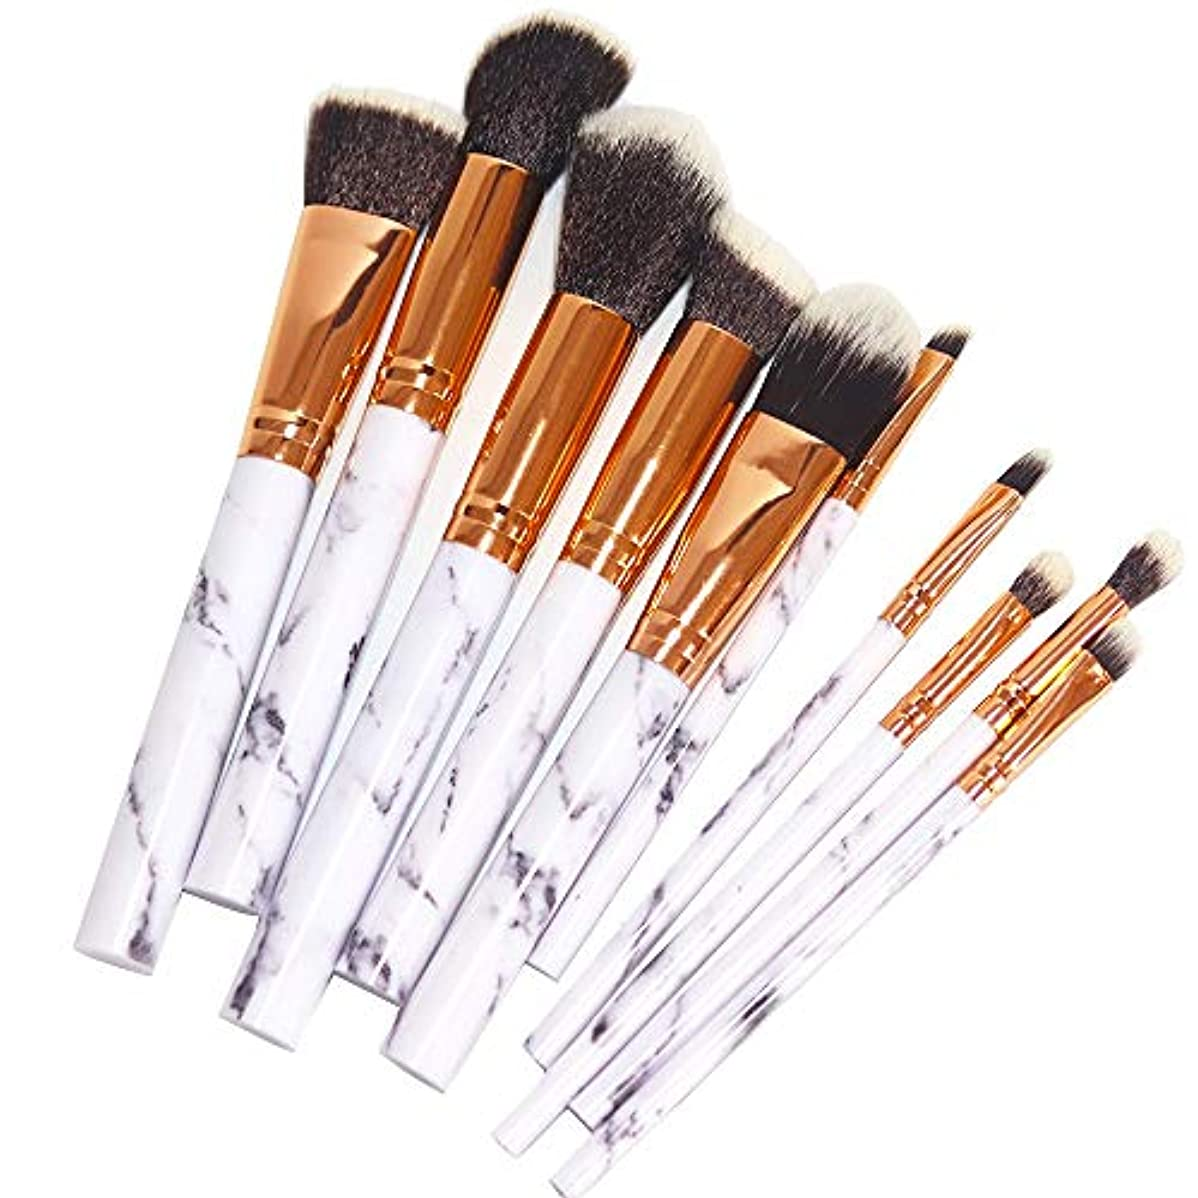 アプライアンスフクロウ料理化粧筆 パウダーブラシ コスメ アイシャドーブラシ 大理石柄 化粧ブラシ 高級繊維毛 柔らかい 携帯便利 ソフトメイクブラシセット 10本セット